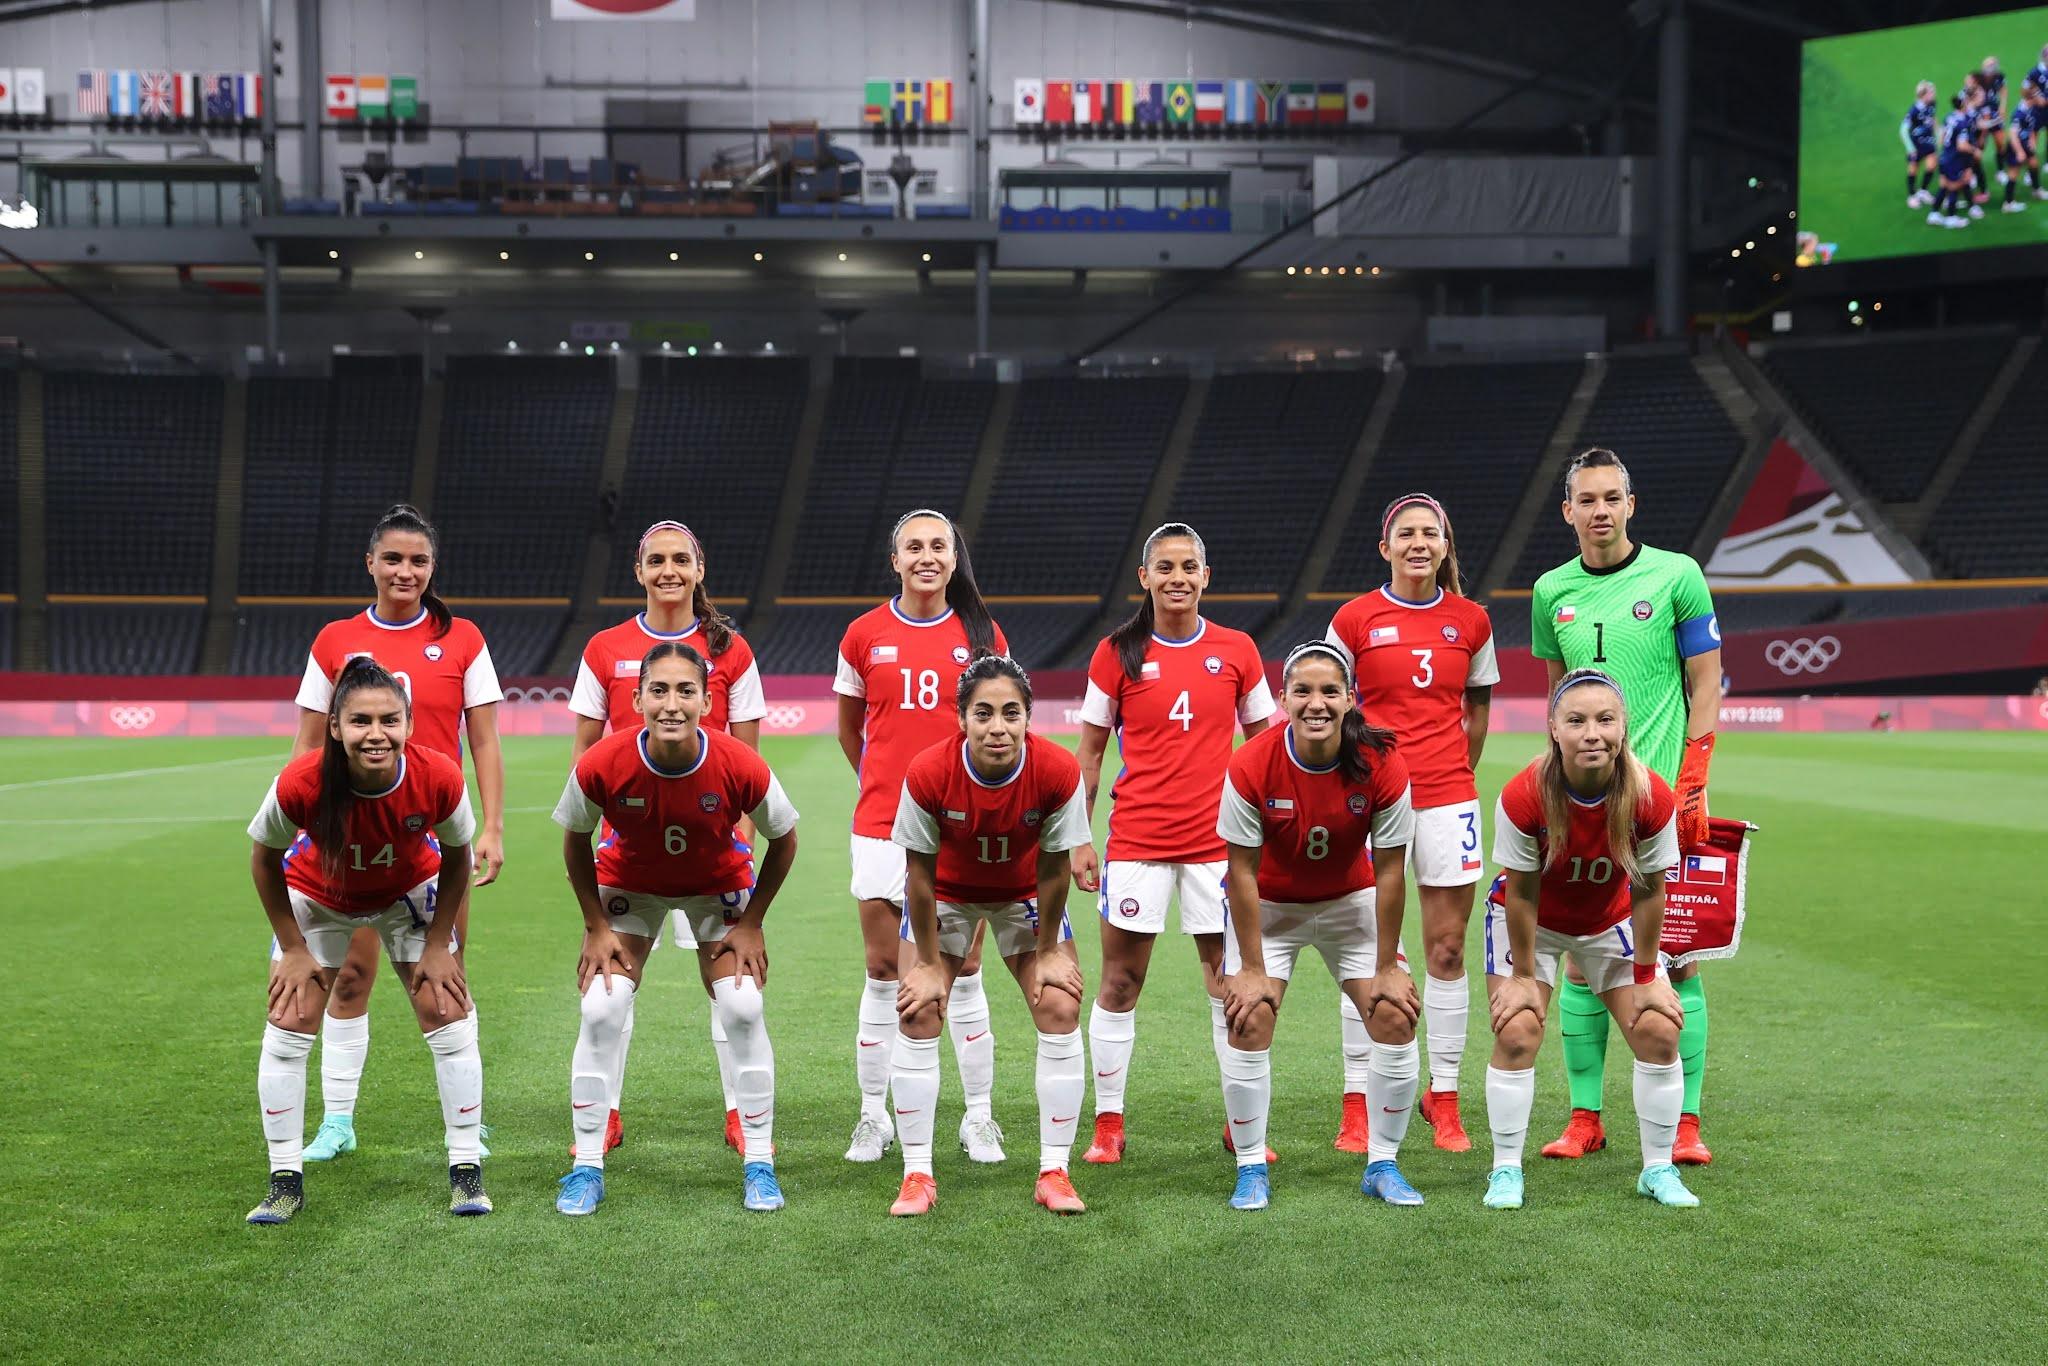 Formación de selección femenina de Chile ante Gran Bretaña, Juegos Olímpicos de Tokio 2020, 21 de julio de 2021